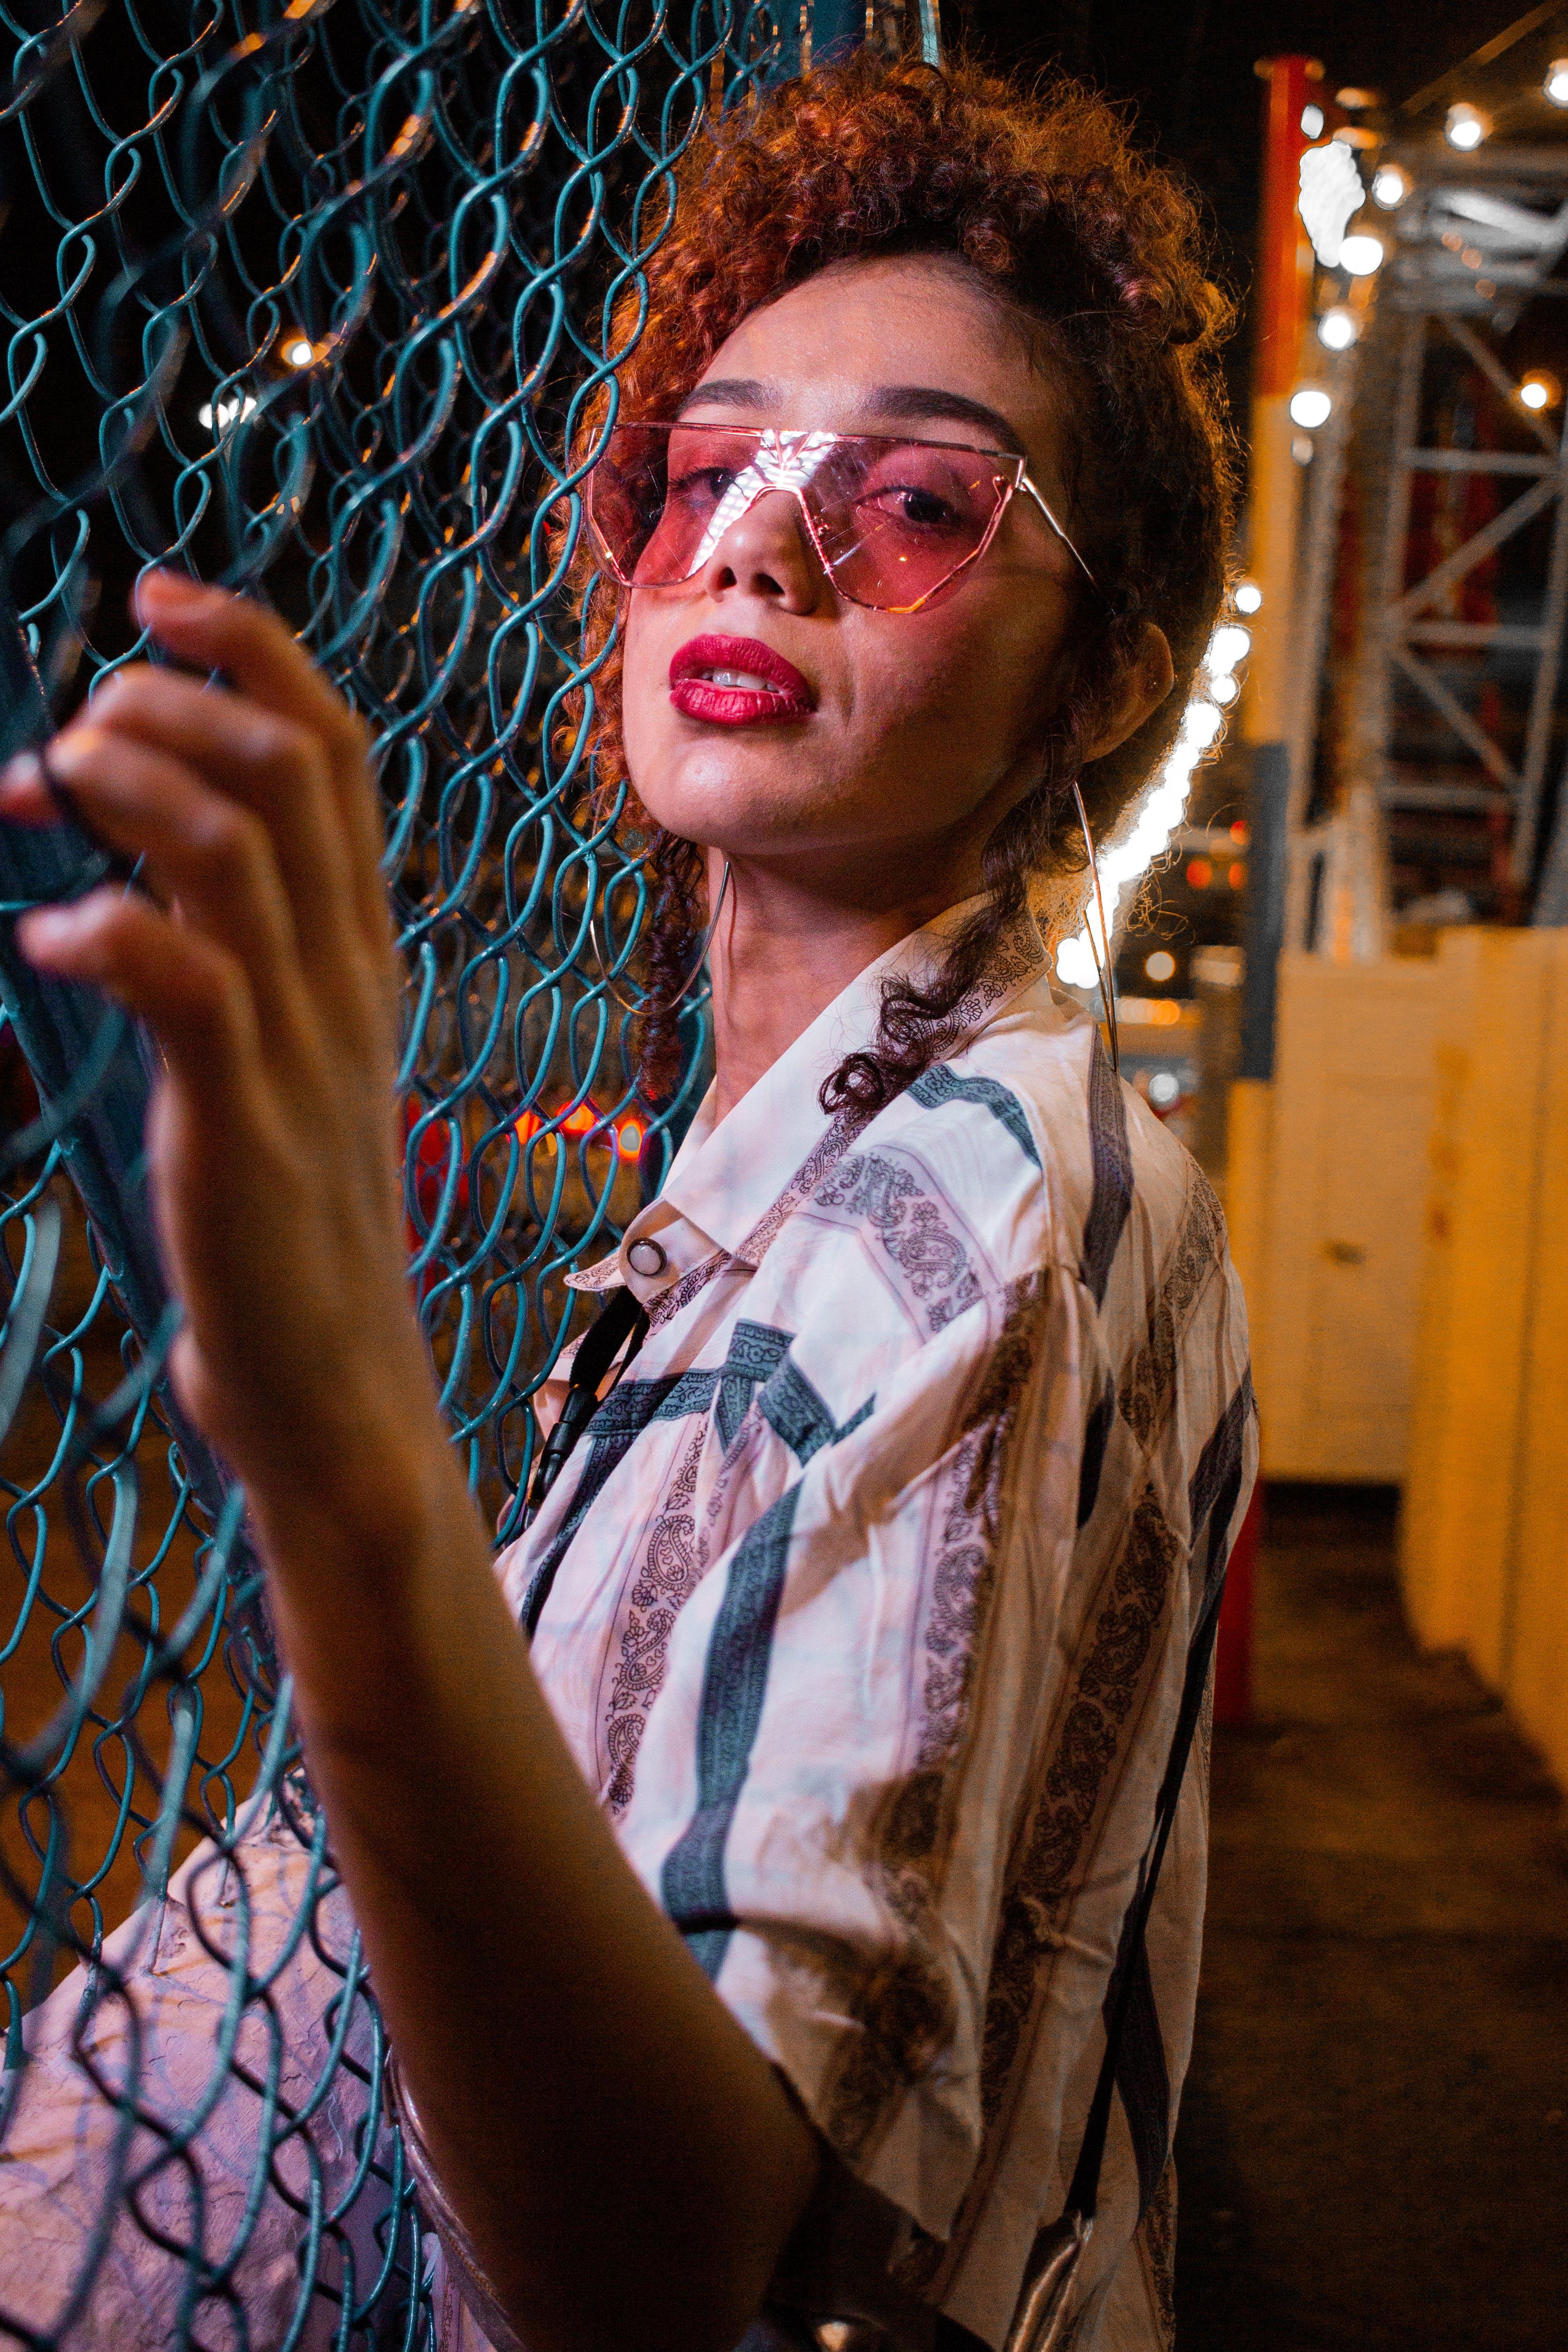 Δωρεάν στοκ φωτογραφιών με αλυσίδα-σύνδεση φράχτη, γκρο πλαν, γυαλιά ηλίου, γυναίκα